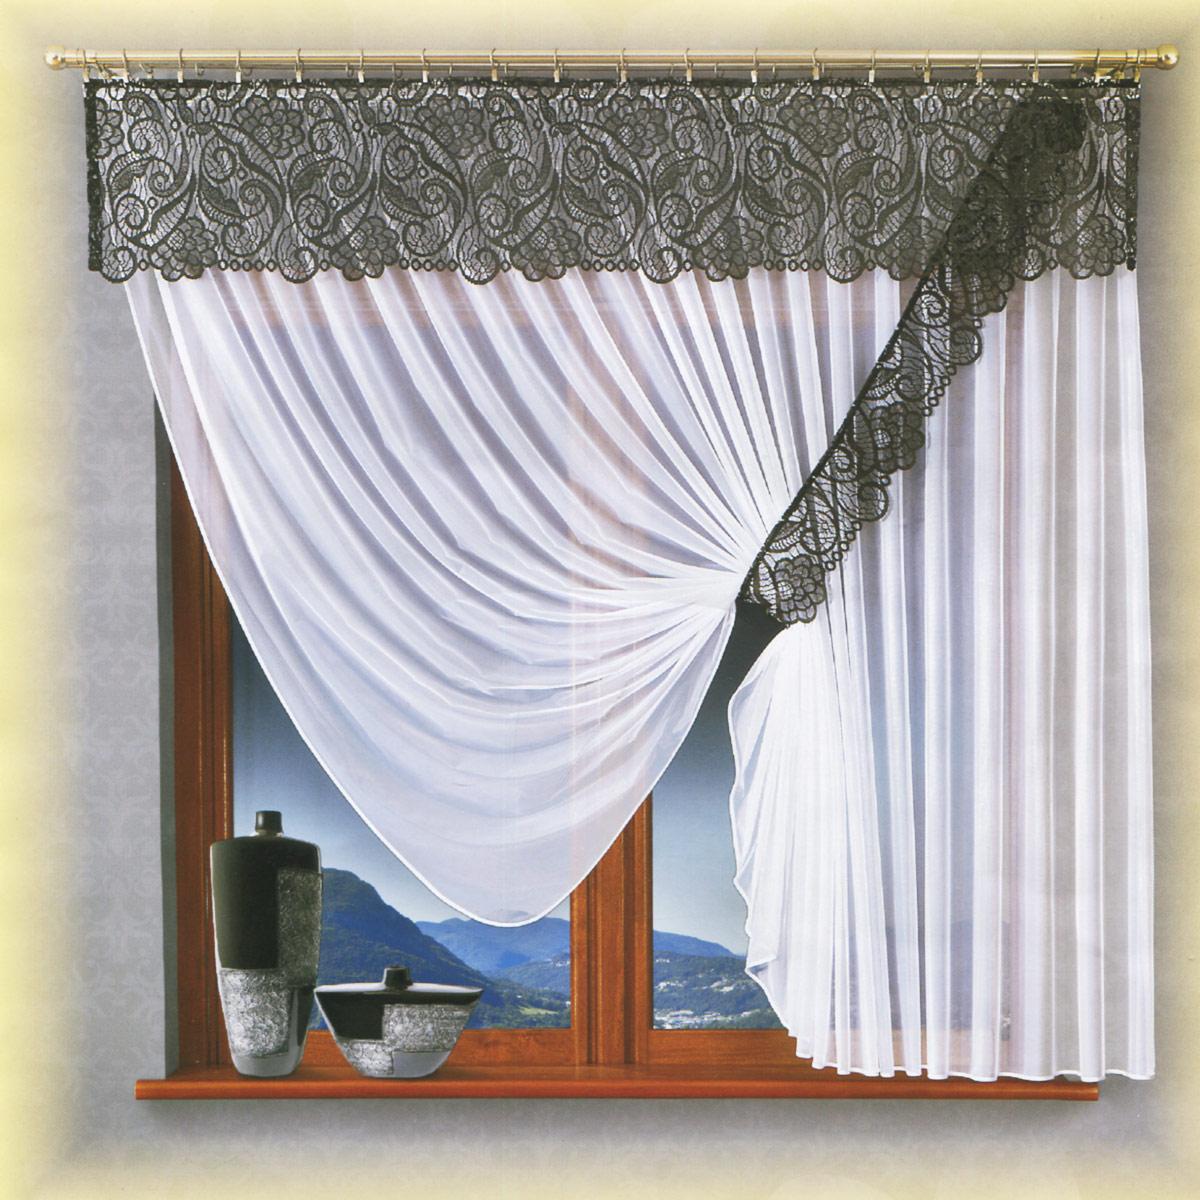 Комплект штор Wisan Benita, на ленте, цвет: белый, графит, высота 180 см